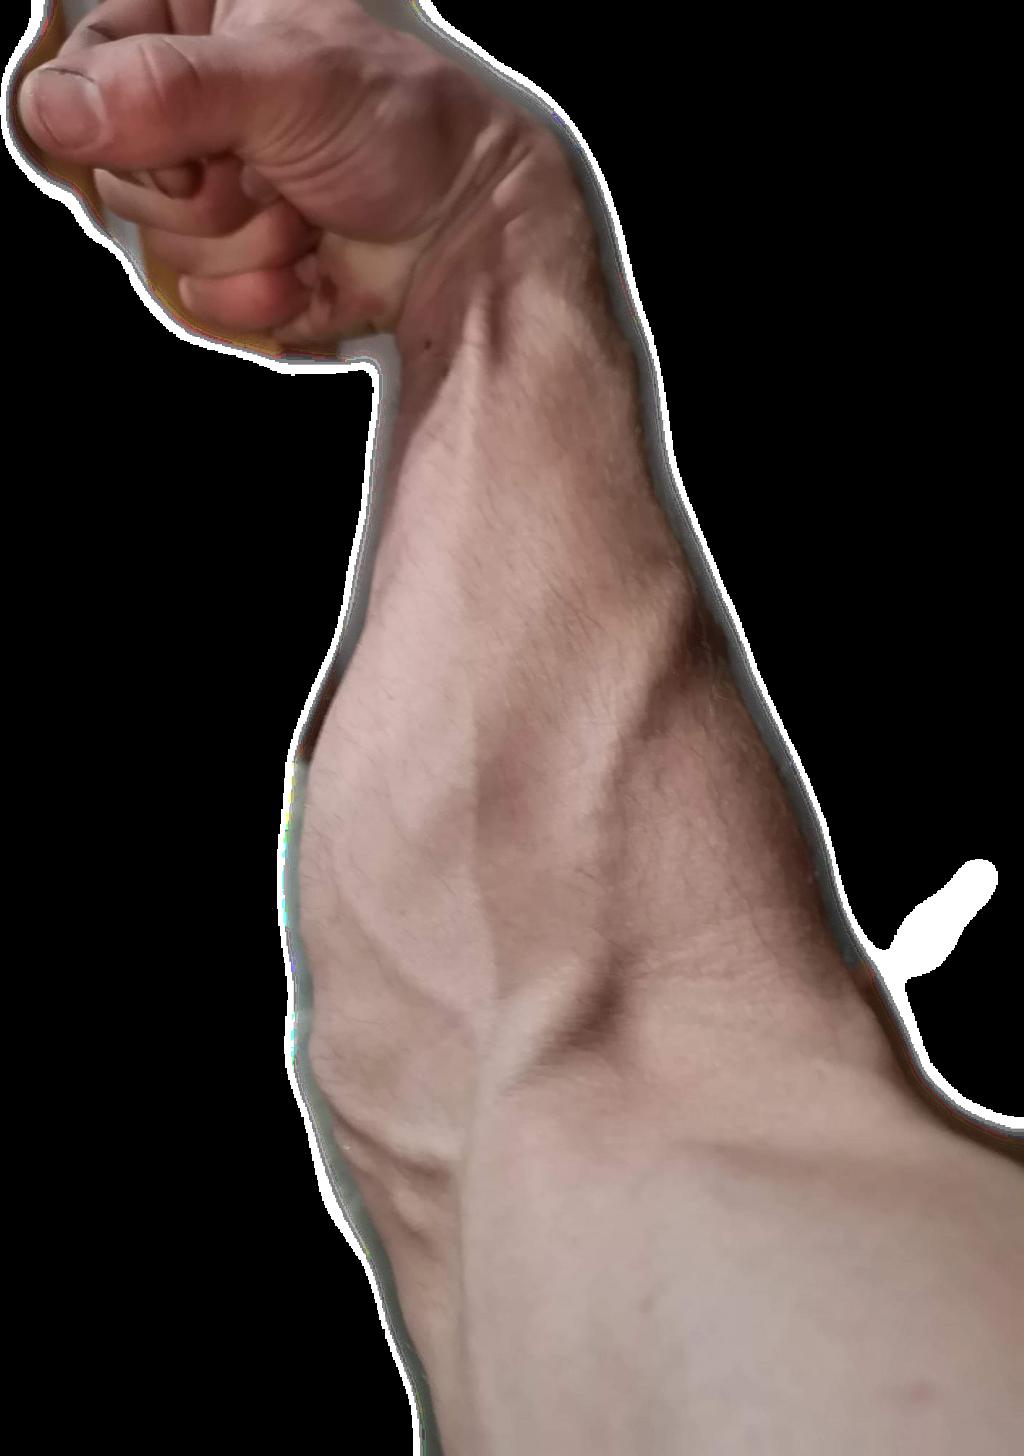 #weird #muscle #arm #freetoedit